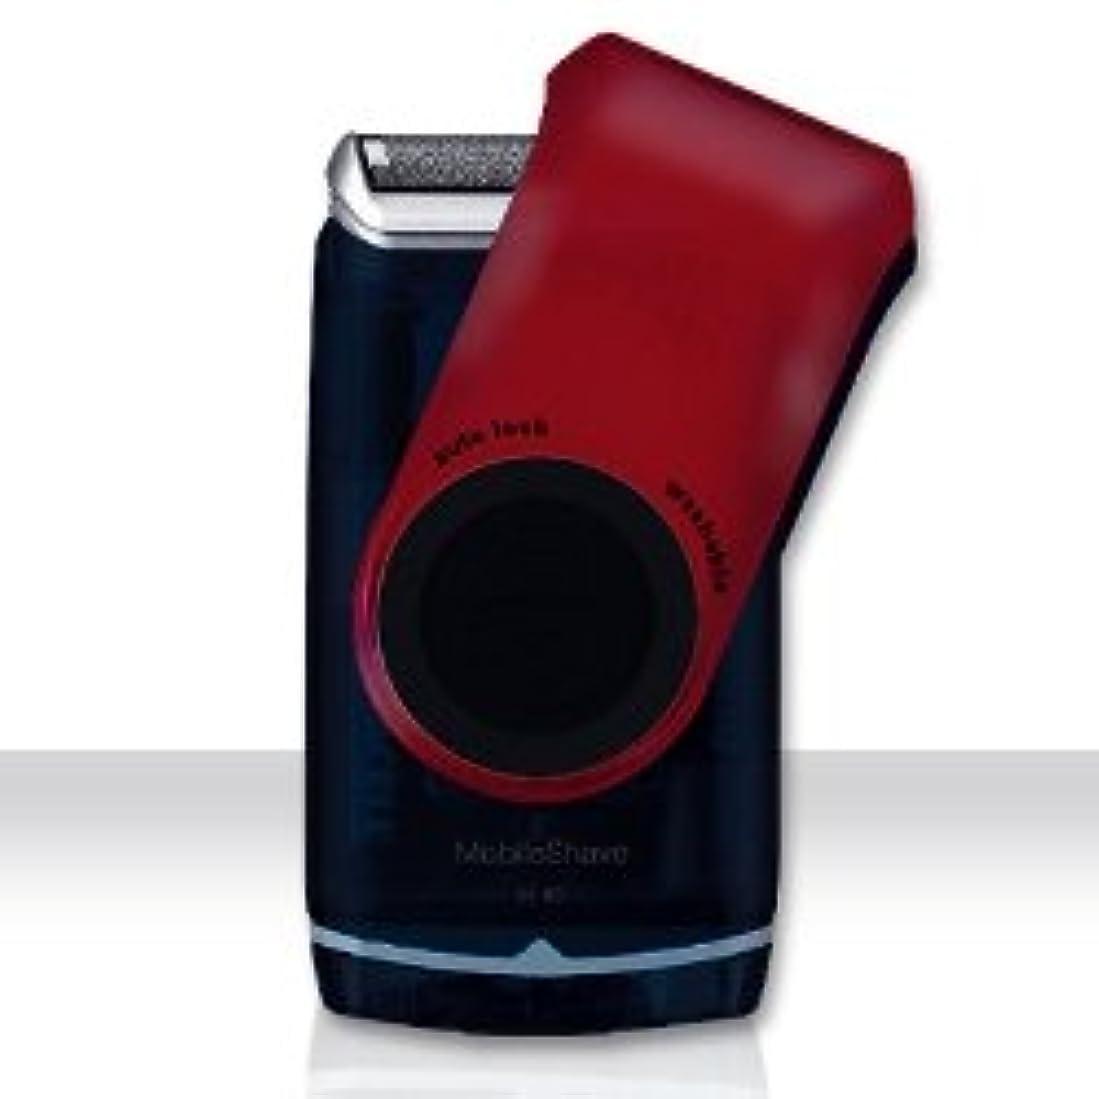 思春期の小売格納ブラウン モバイル ポケット シェーバー M60 赤 電池式 並行輸入品